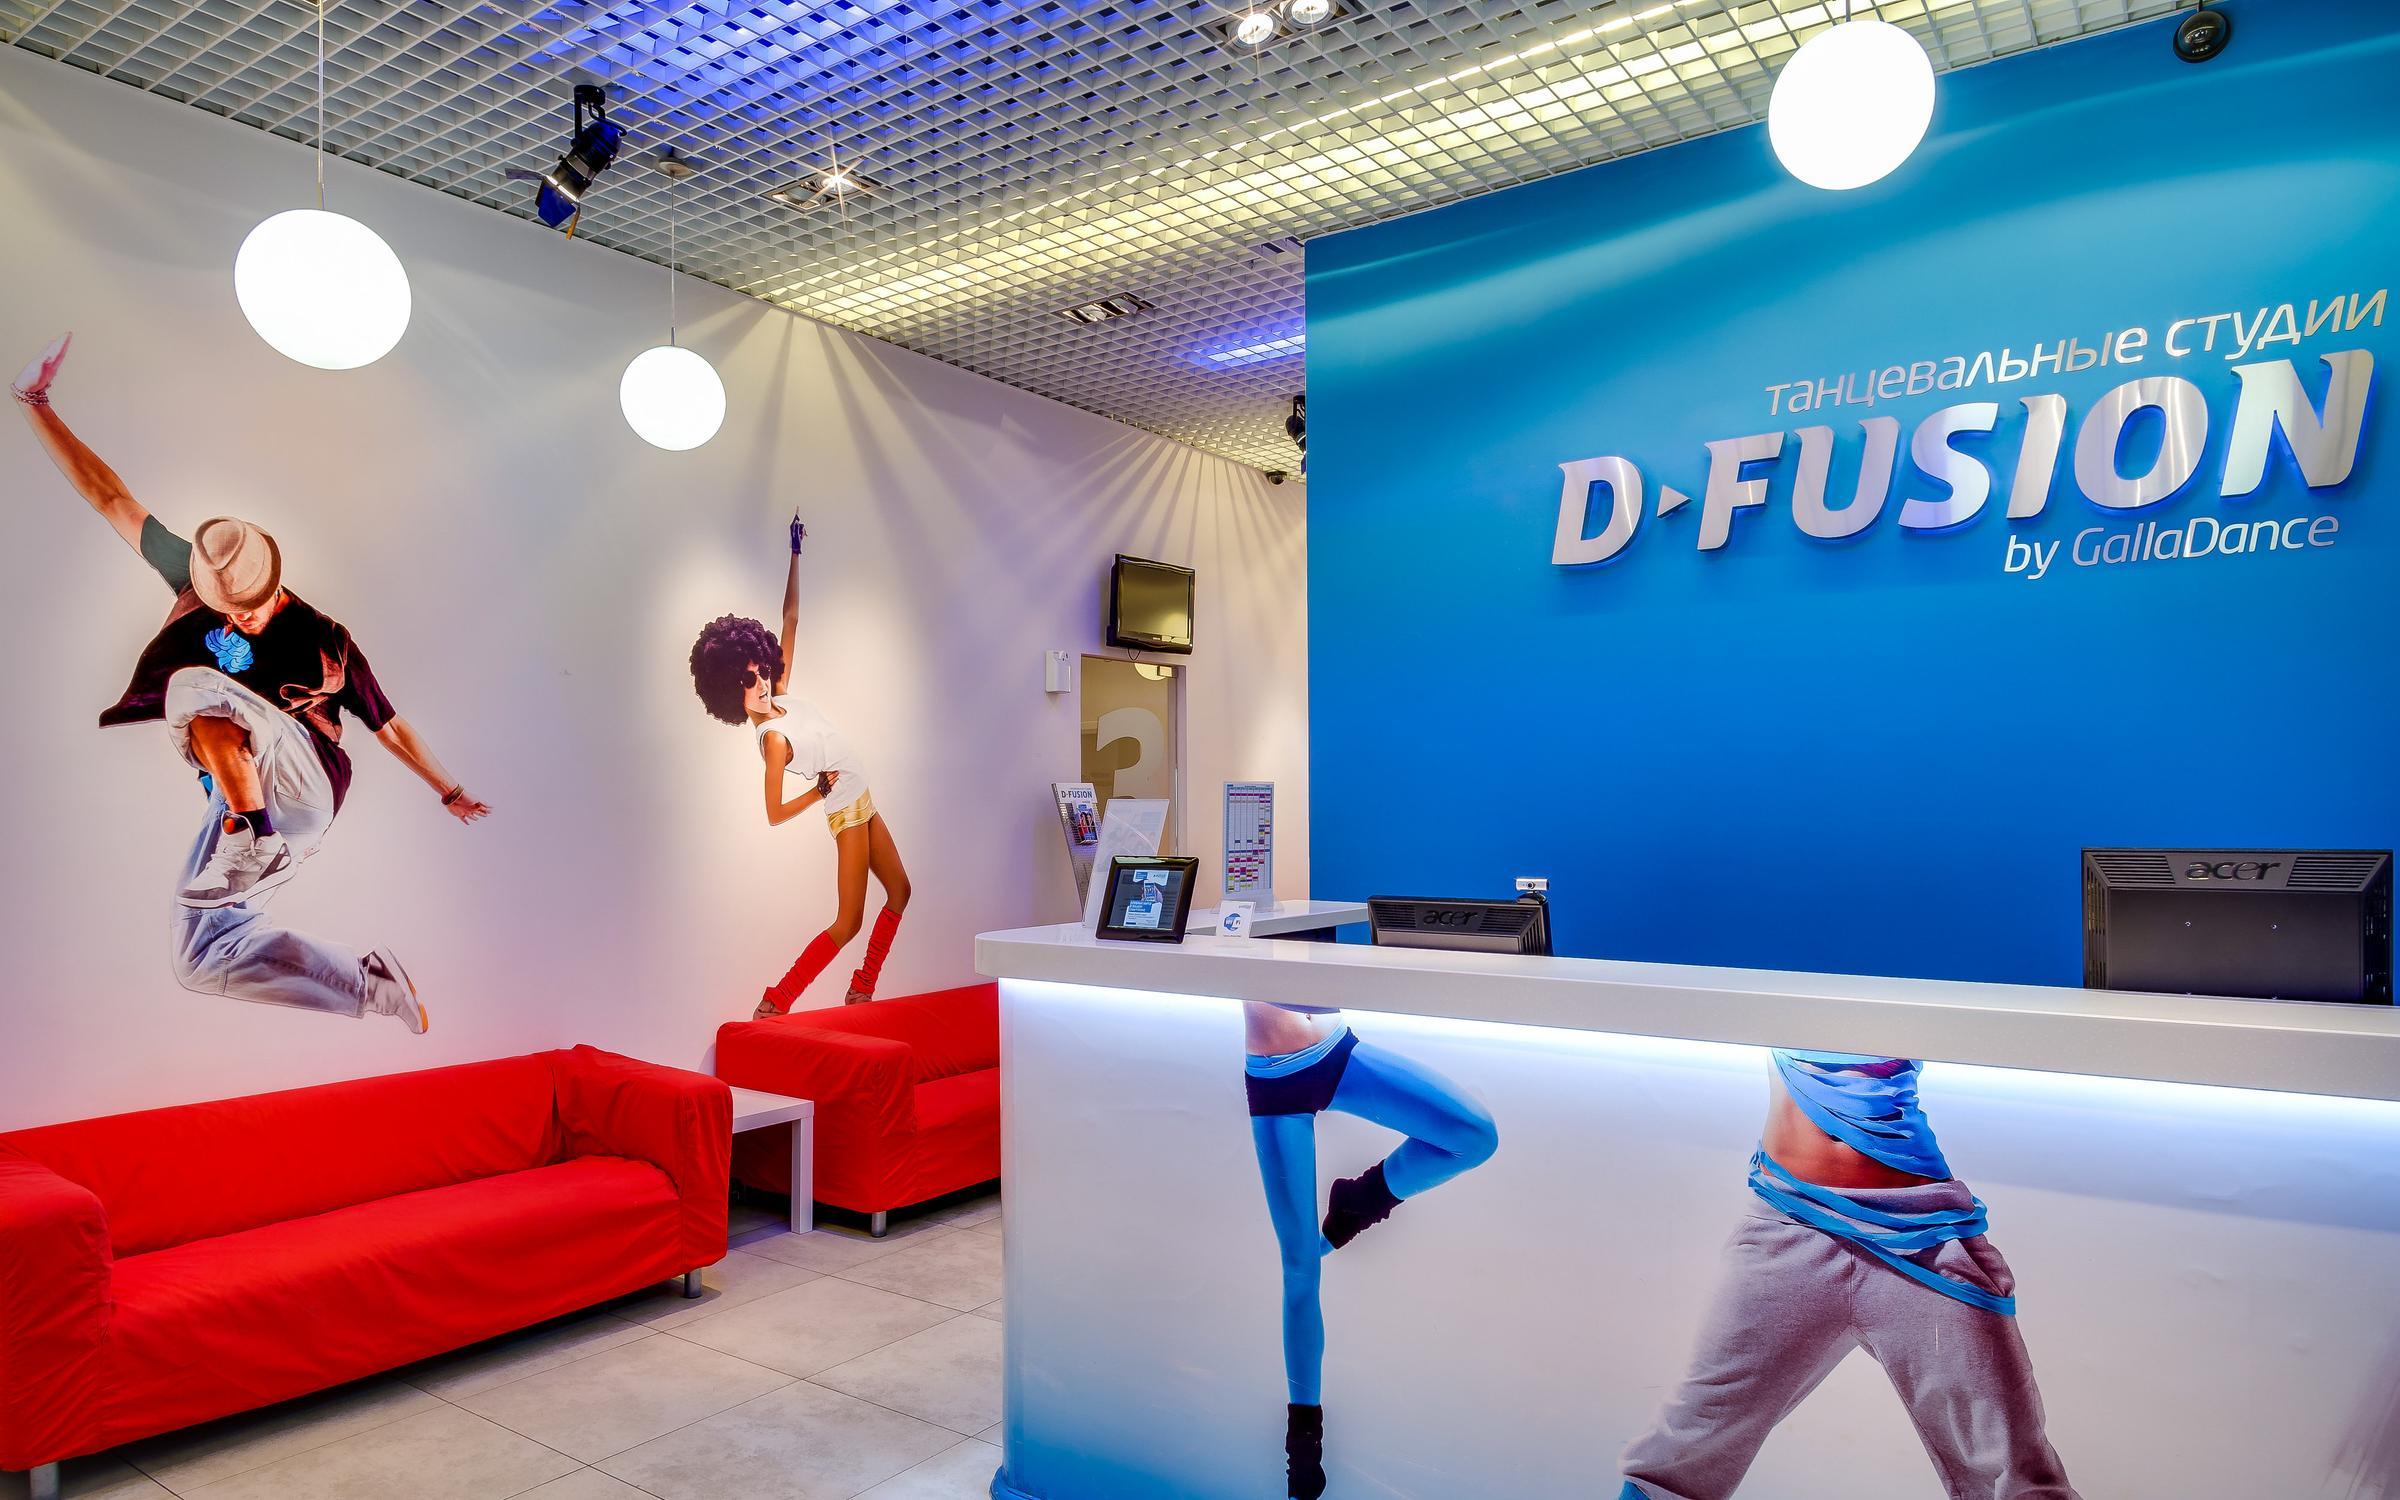 фотография Танцевальной студии D-FUSION на Новослободской улице